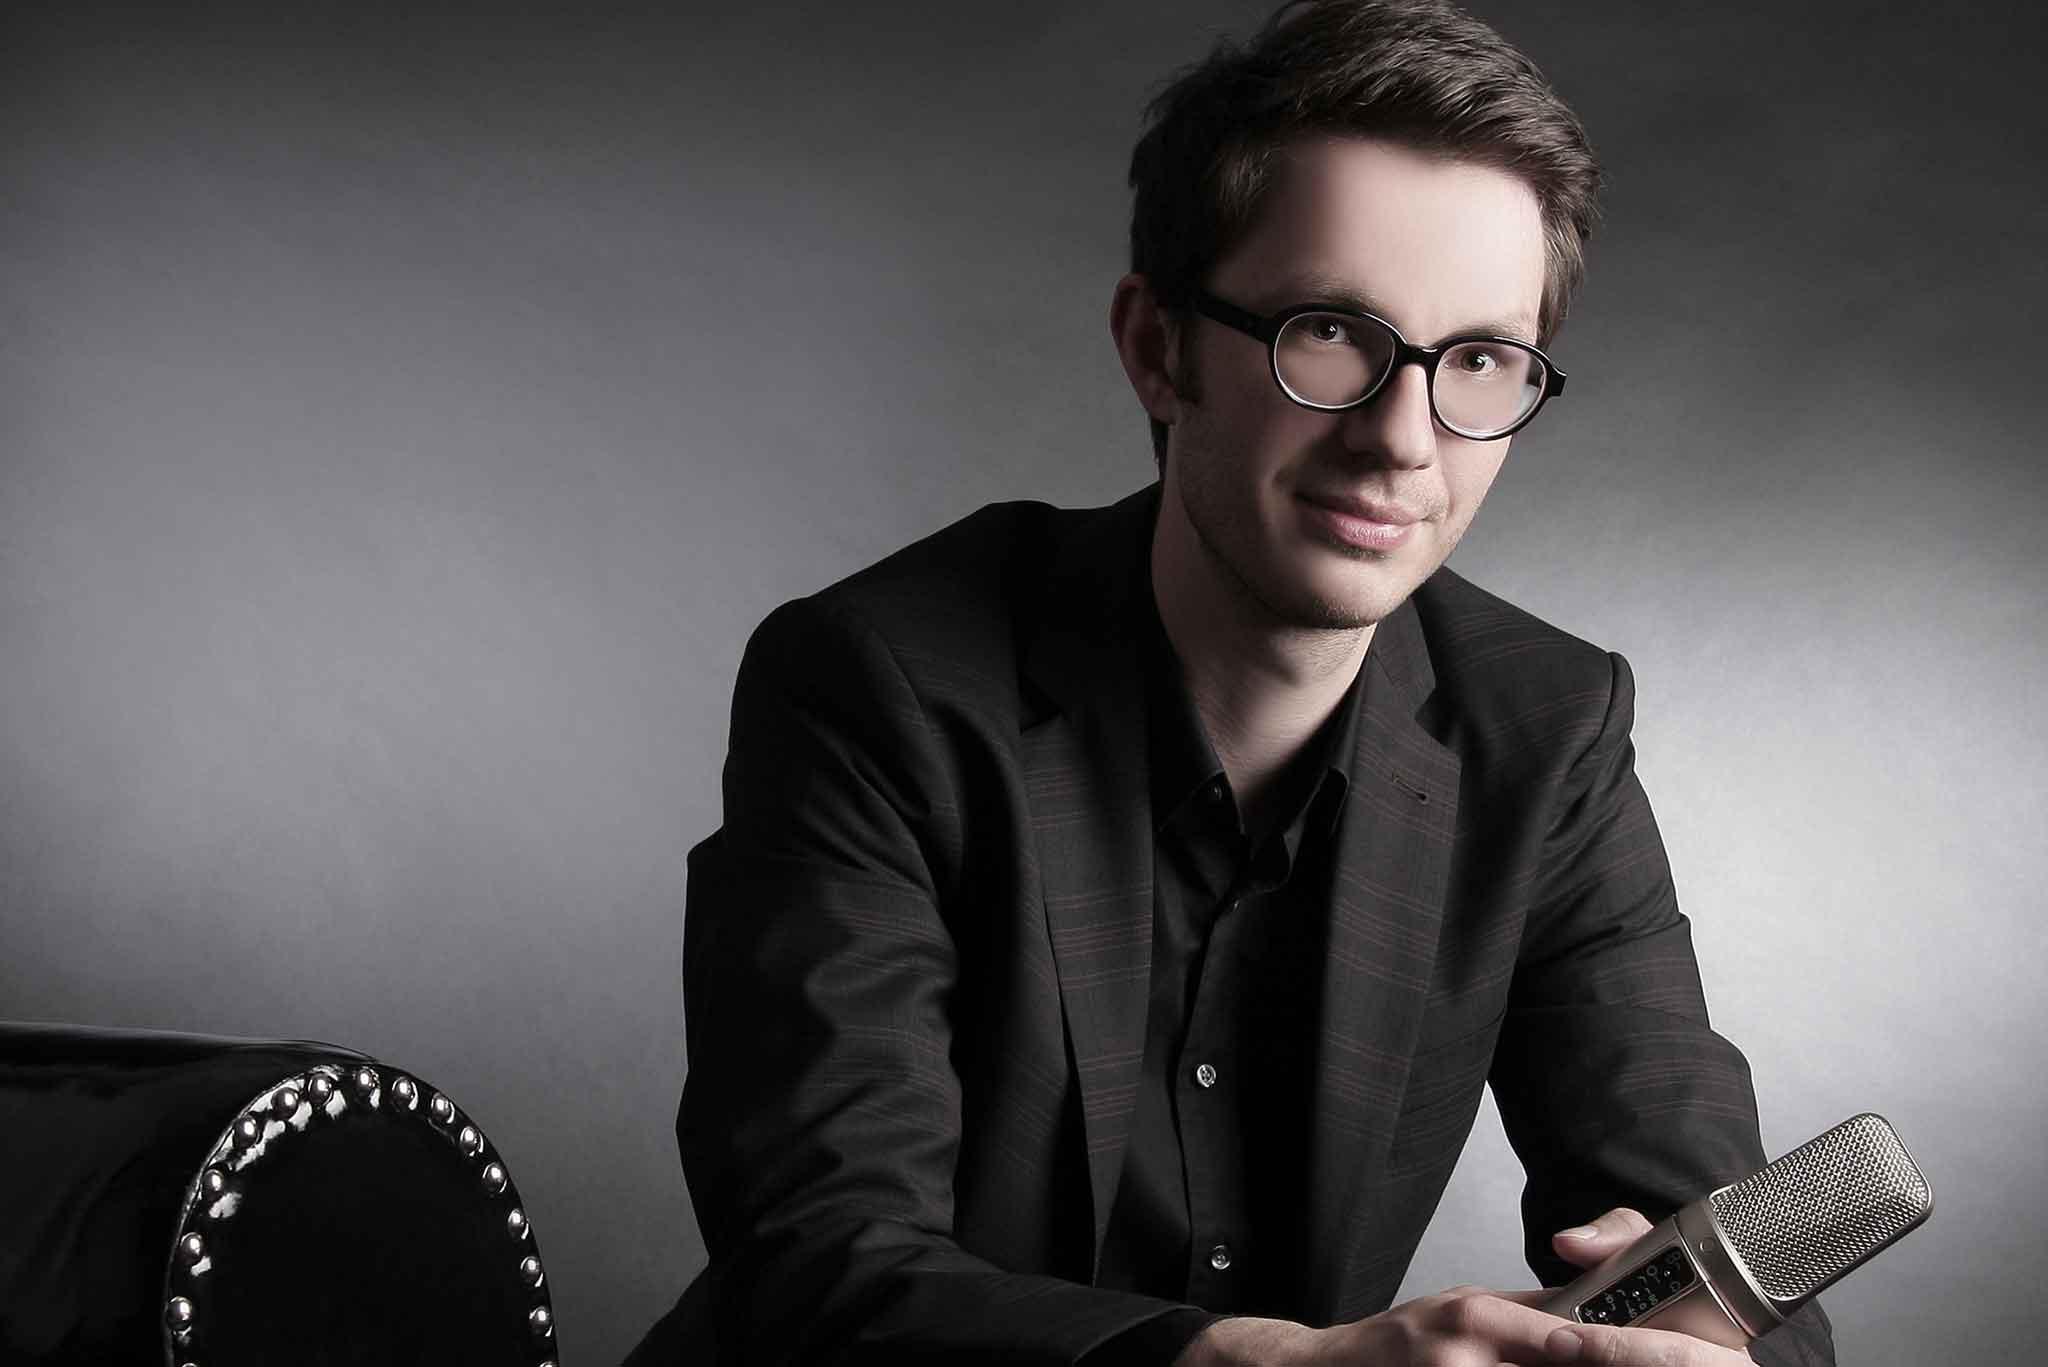 Der Sprecher Tobias Moeck hält ein Mikrophon in der Hand.